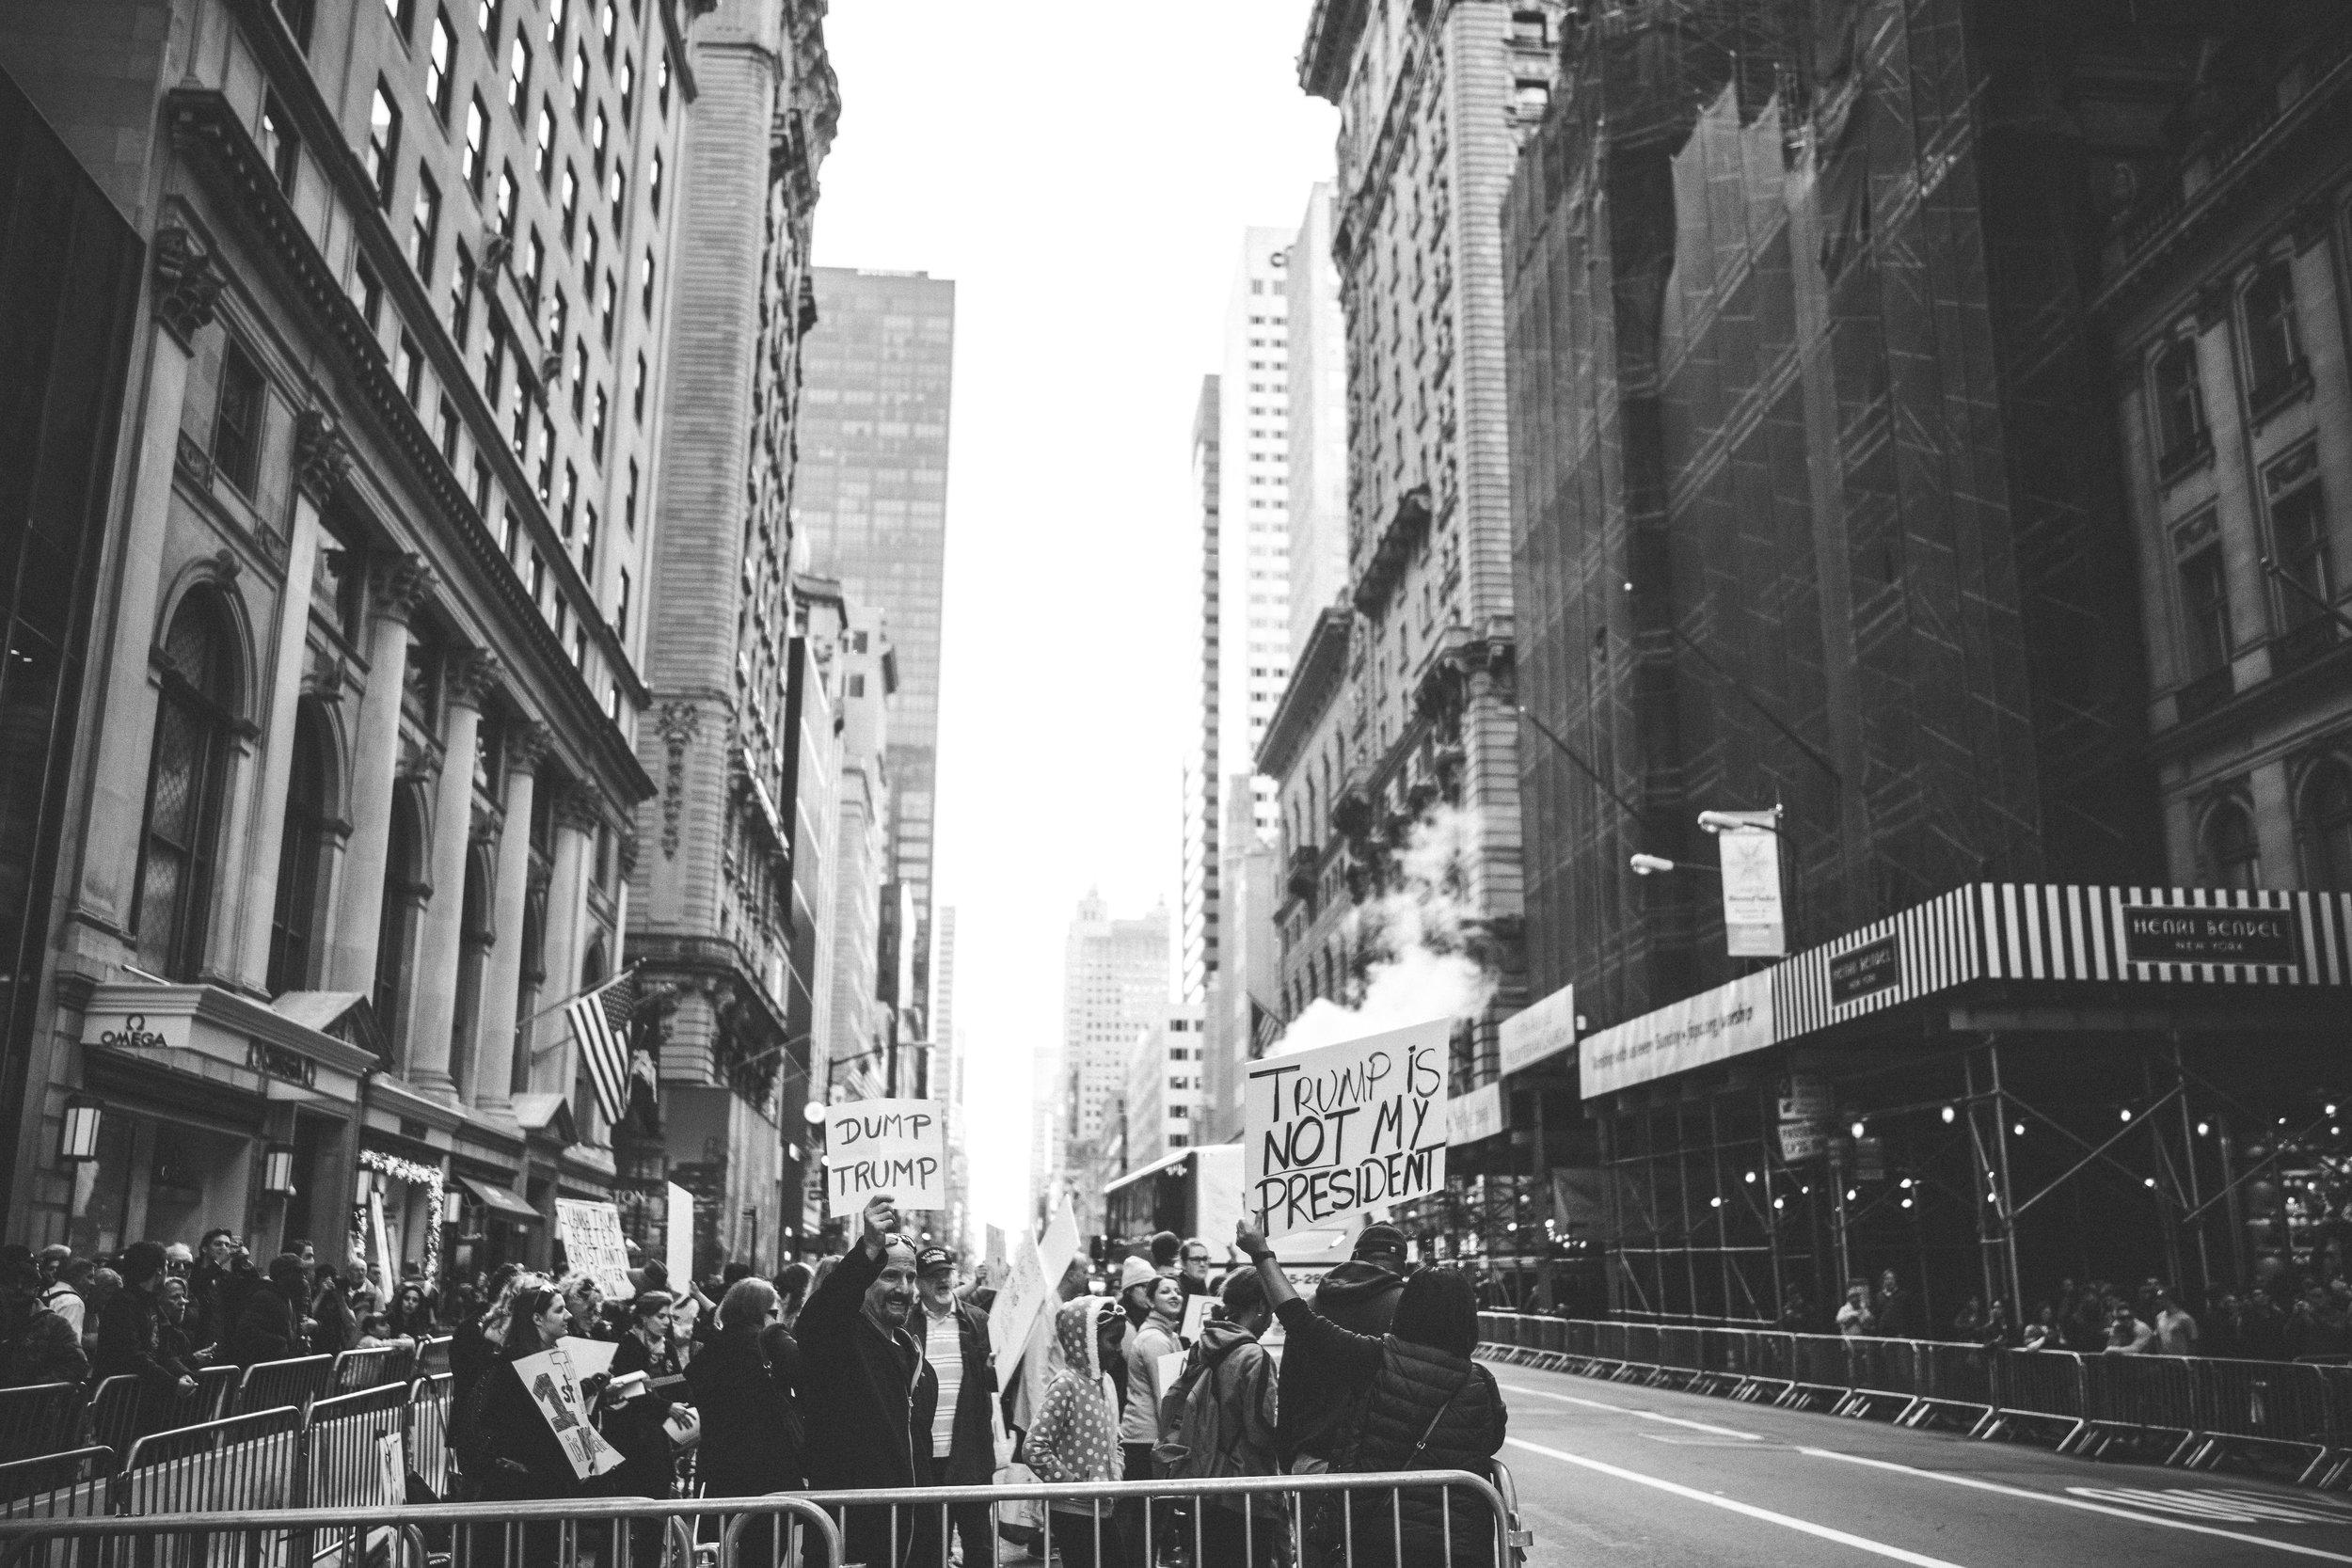 newyork-07514.jpg